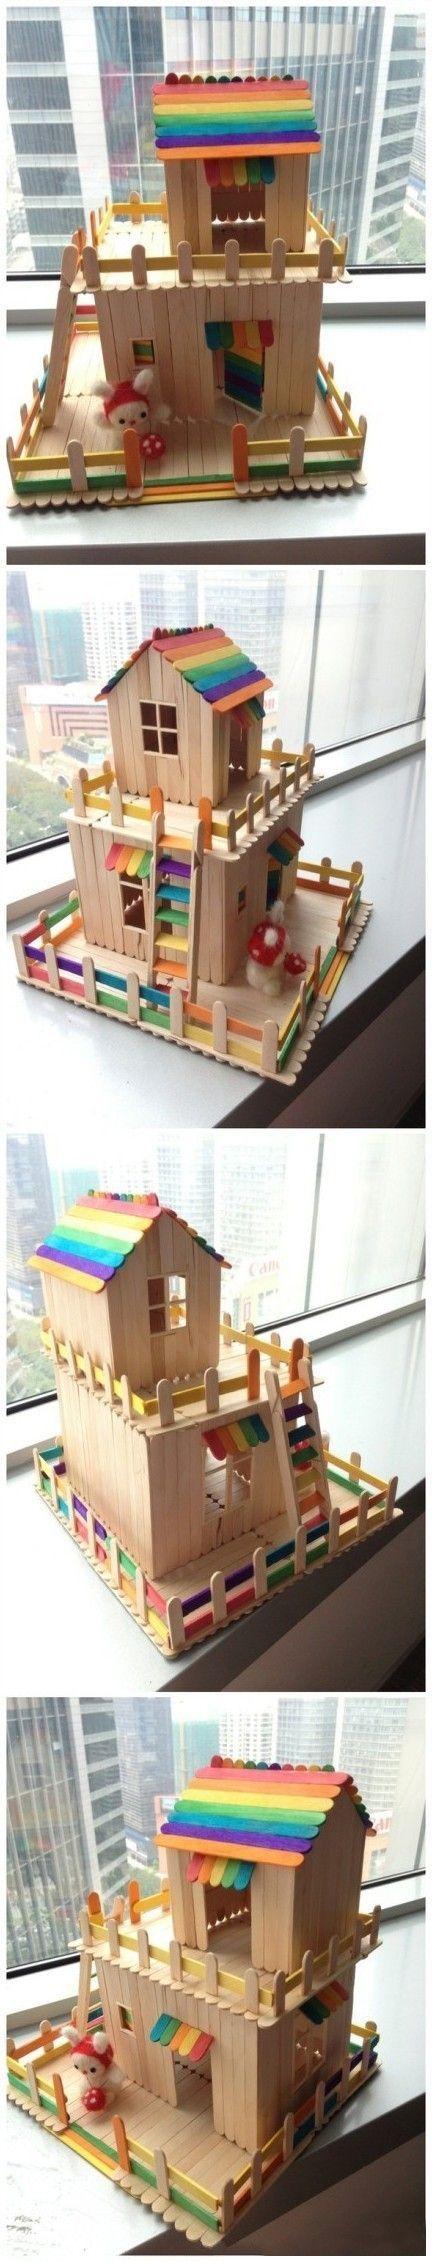 Pon a volar tu creativida y realiza faciles manualidades junto s tus #rifleitos como esta casita de muñecos :) #VidaRifel.